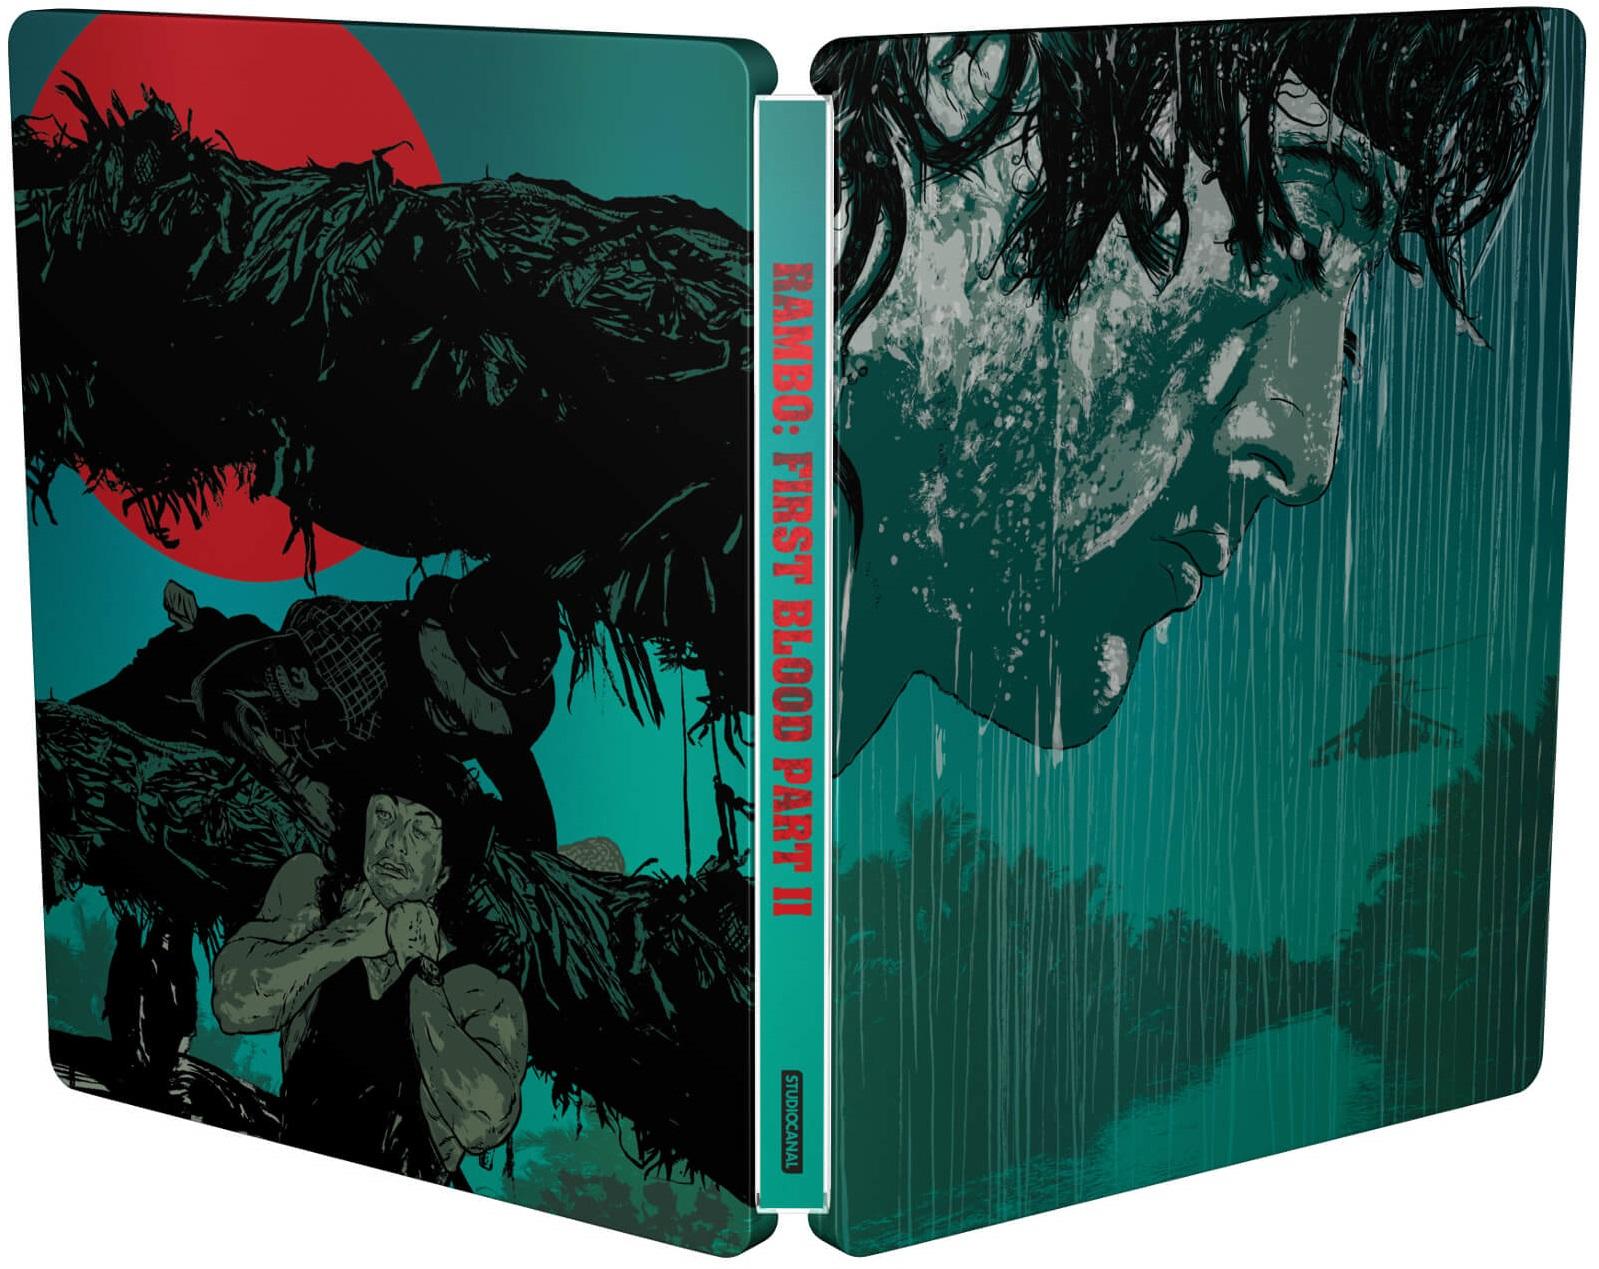 Rambo: First Blood Part II SteelBook open